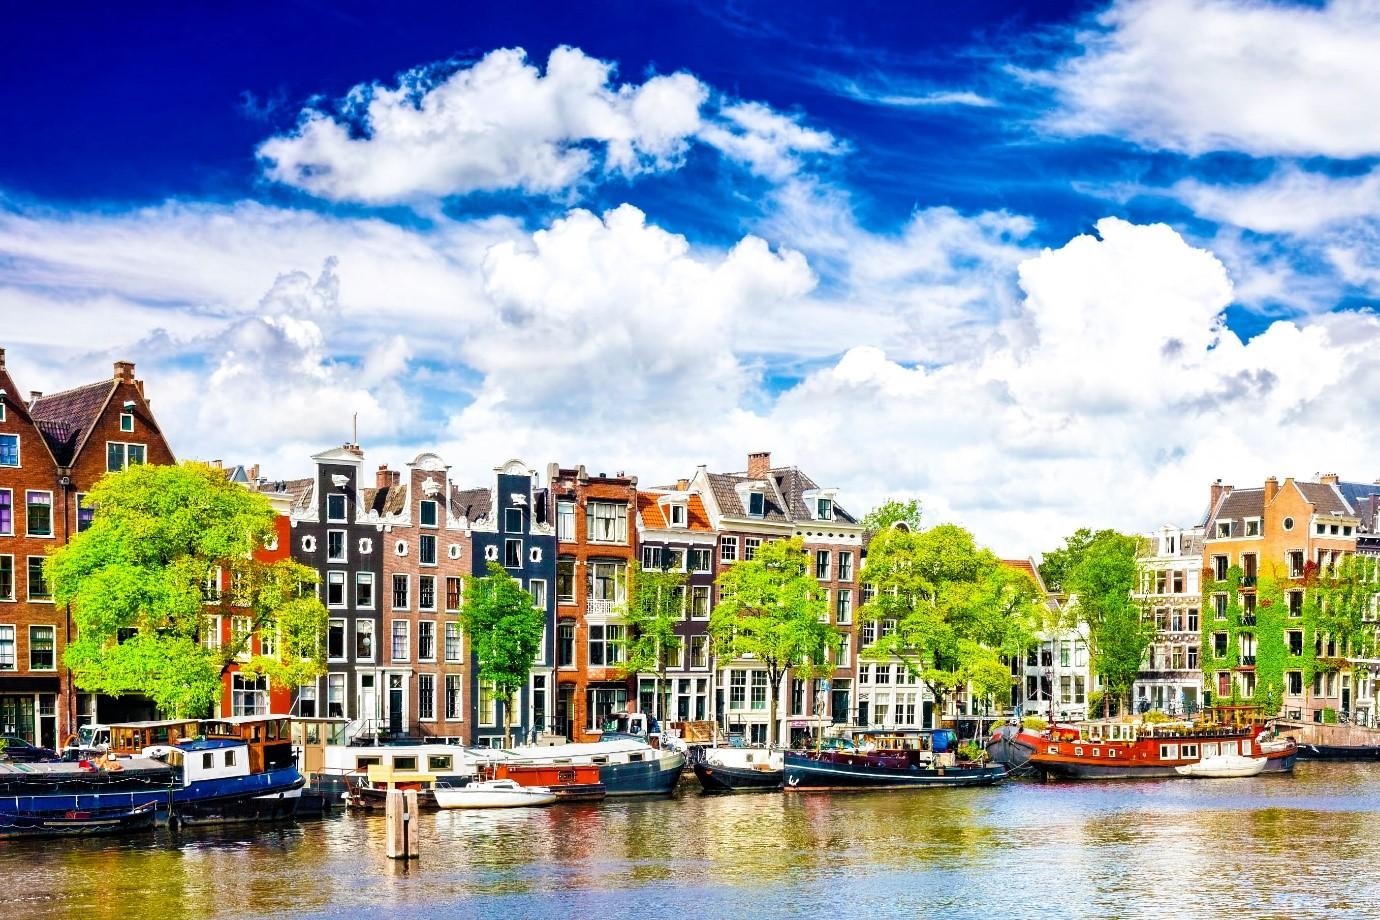 Trung bình hằng năm có khoảng 90.000 sinh viên quốc tế đến với Hà Lan